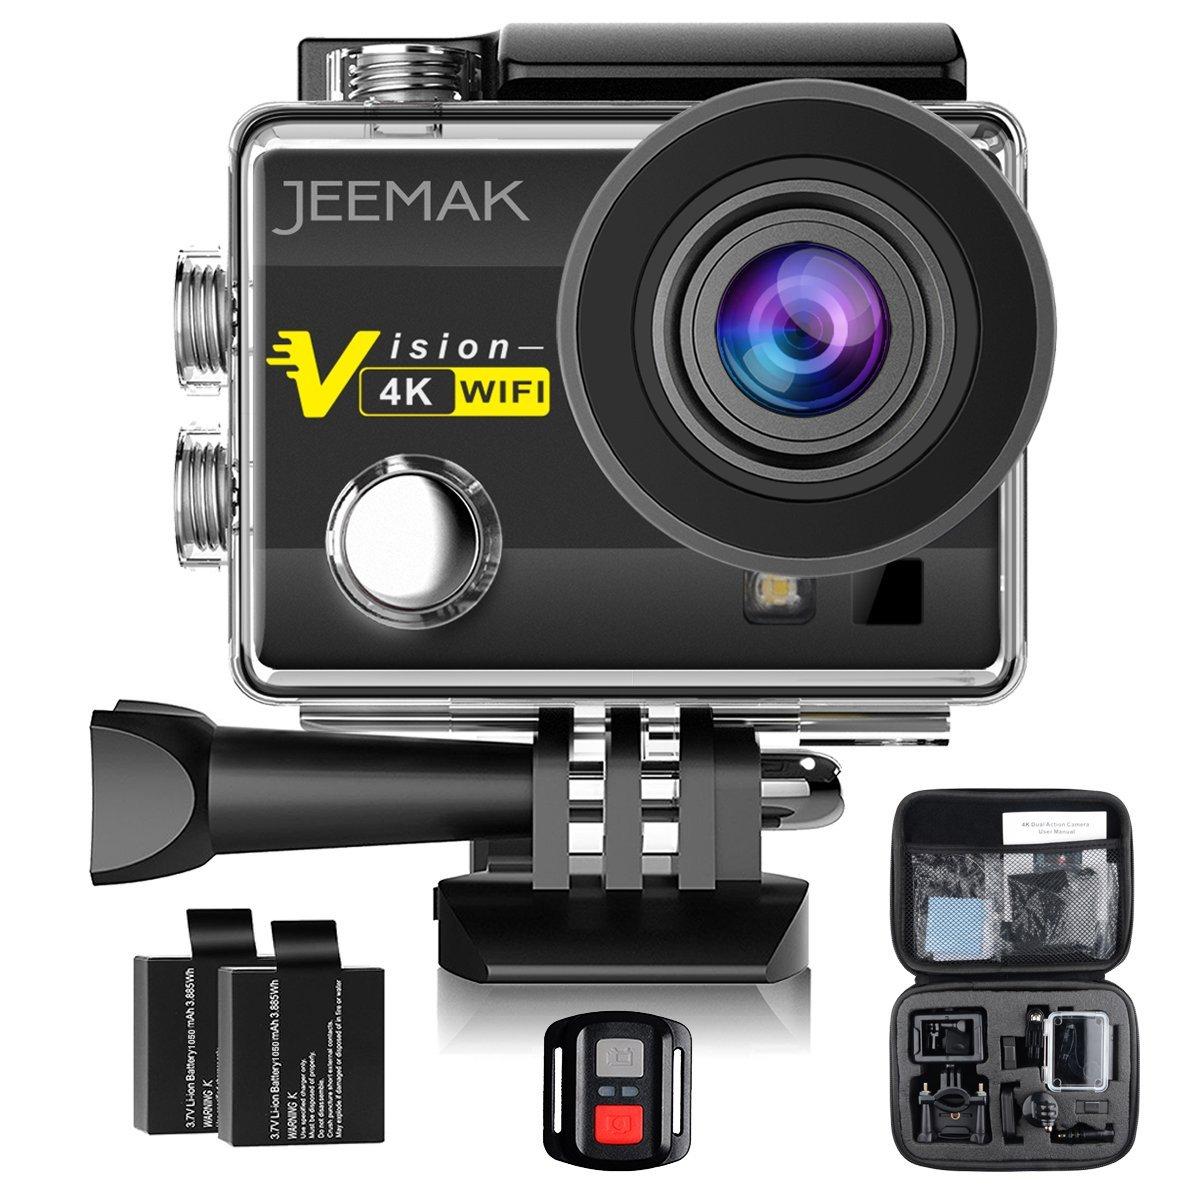 Cámara Deportiva JEEMAK 4K Impermeable 16MP Wifi Cámara de Acción con control remoto 2.4G